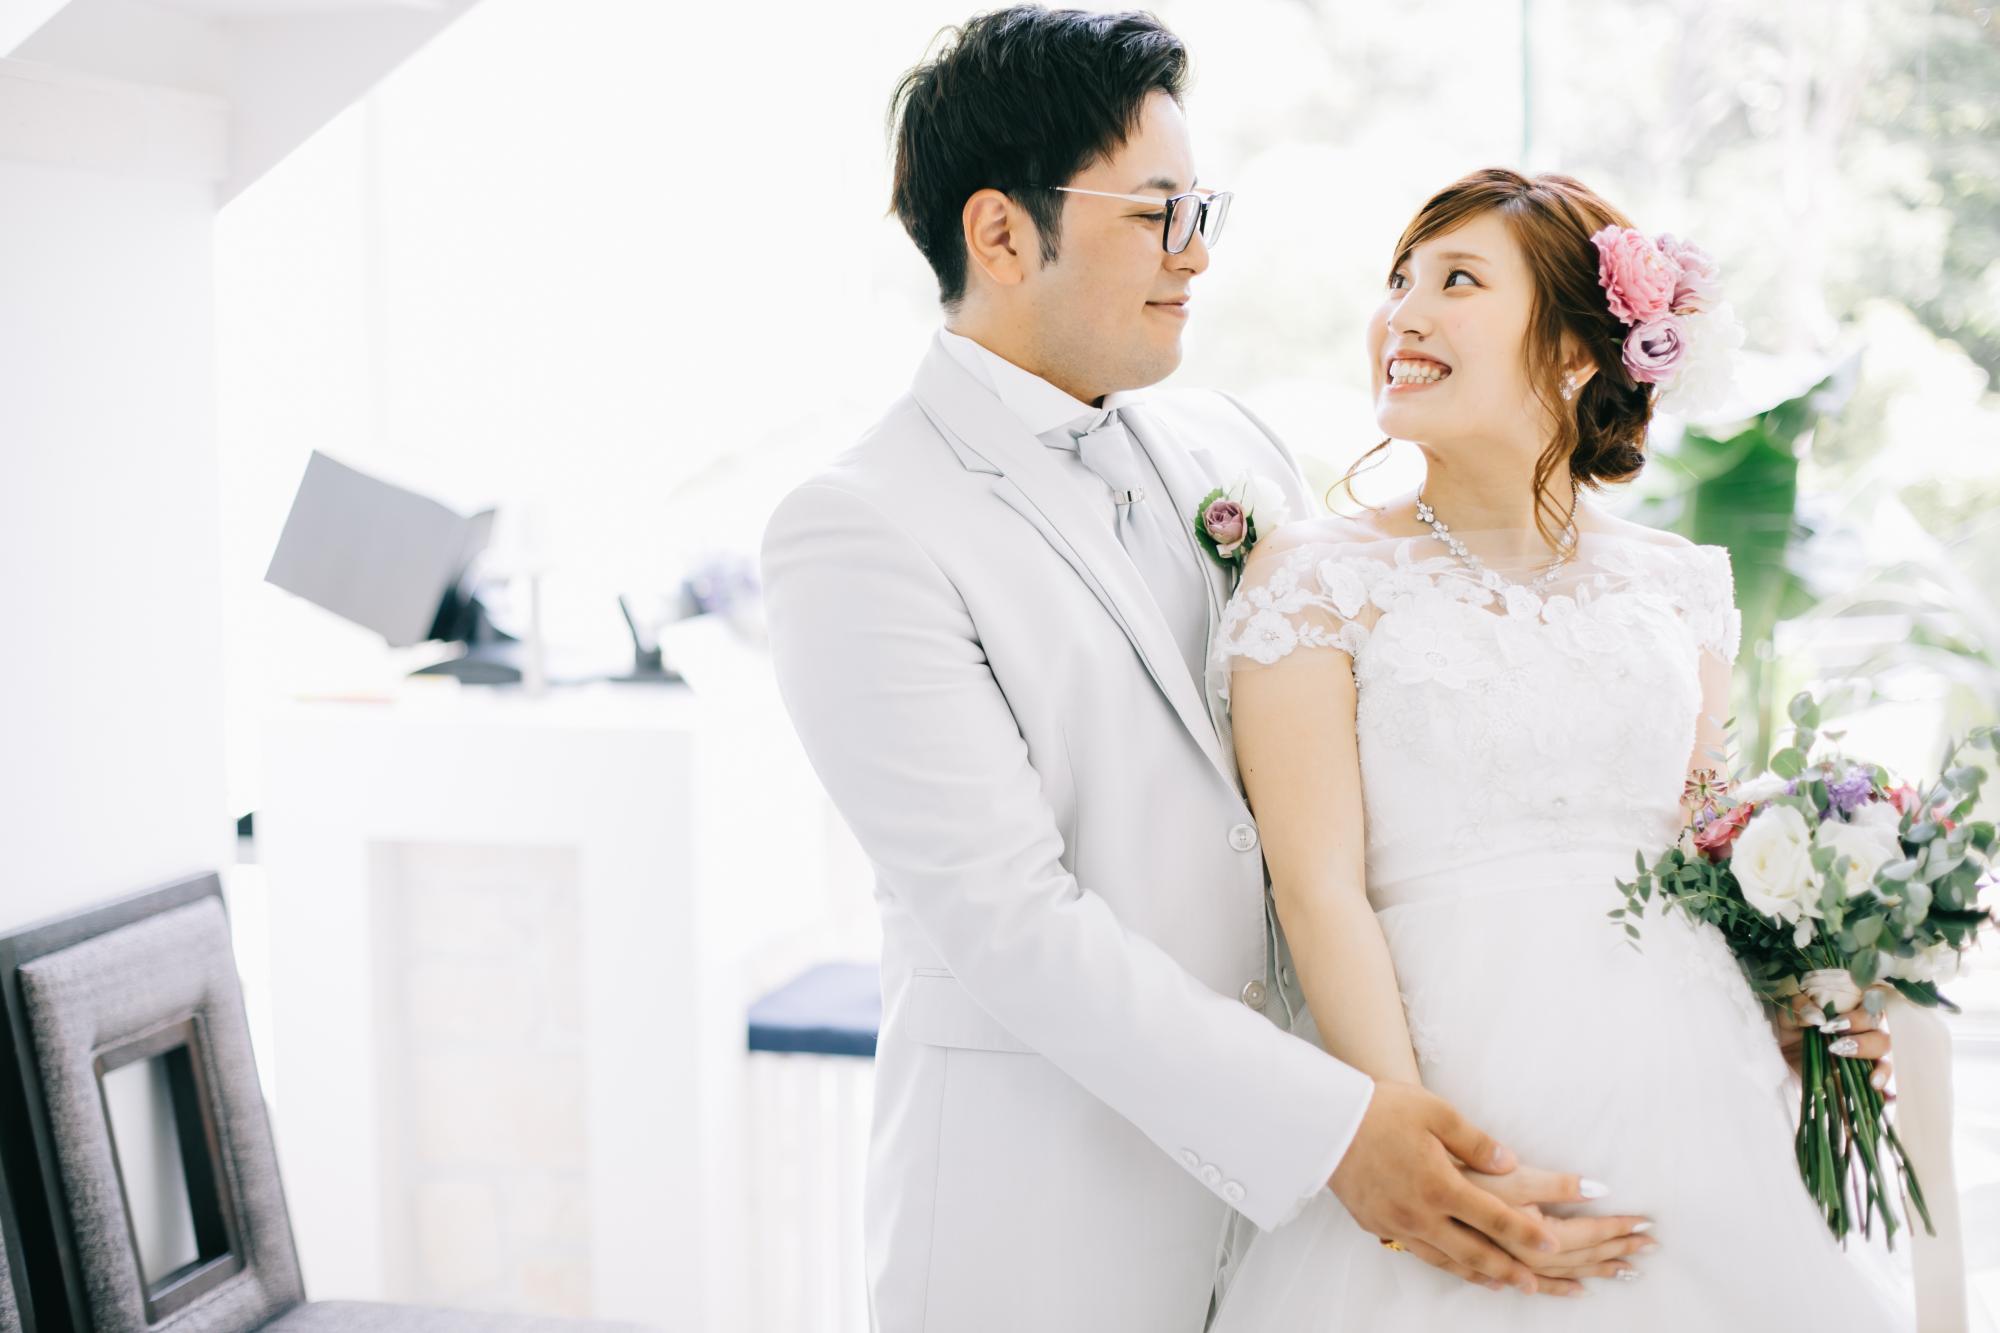 ◆マタニティW◆専任のスタッフがフルサポートで安心パパママ婚